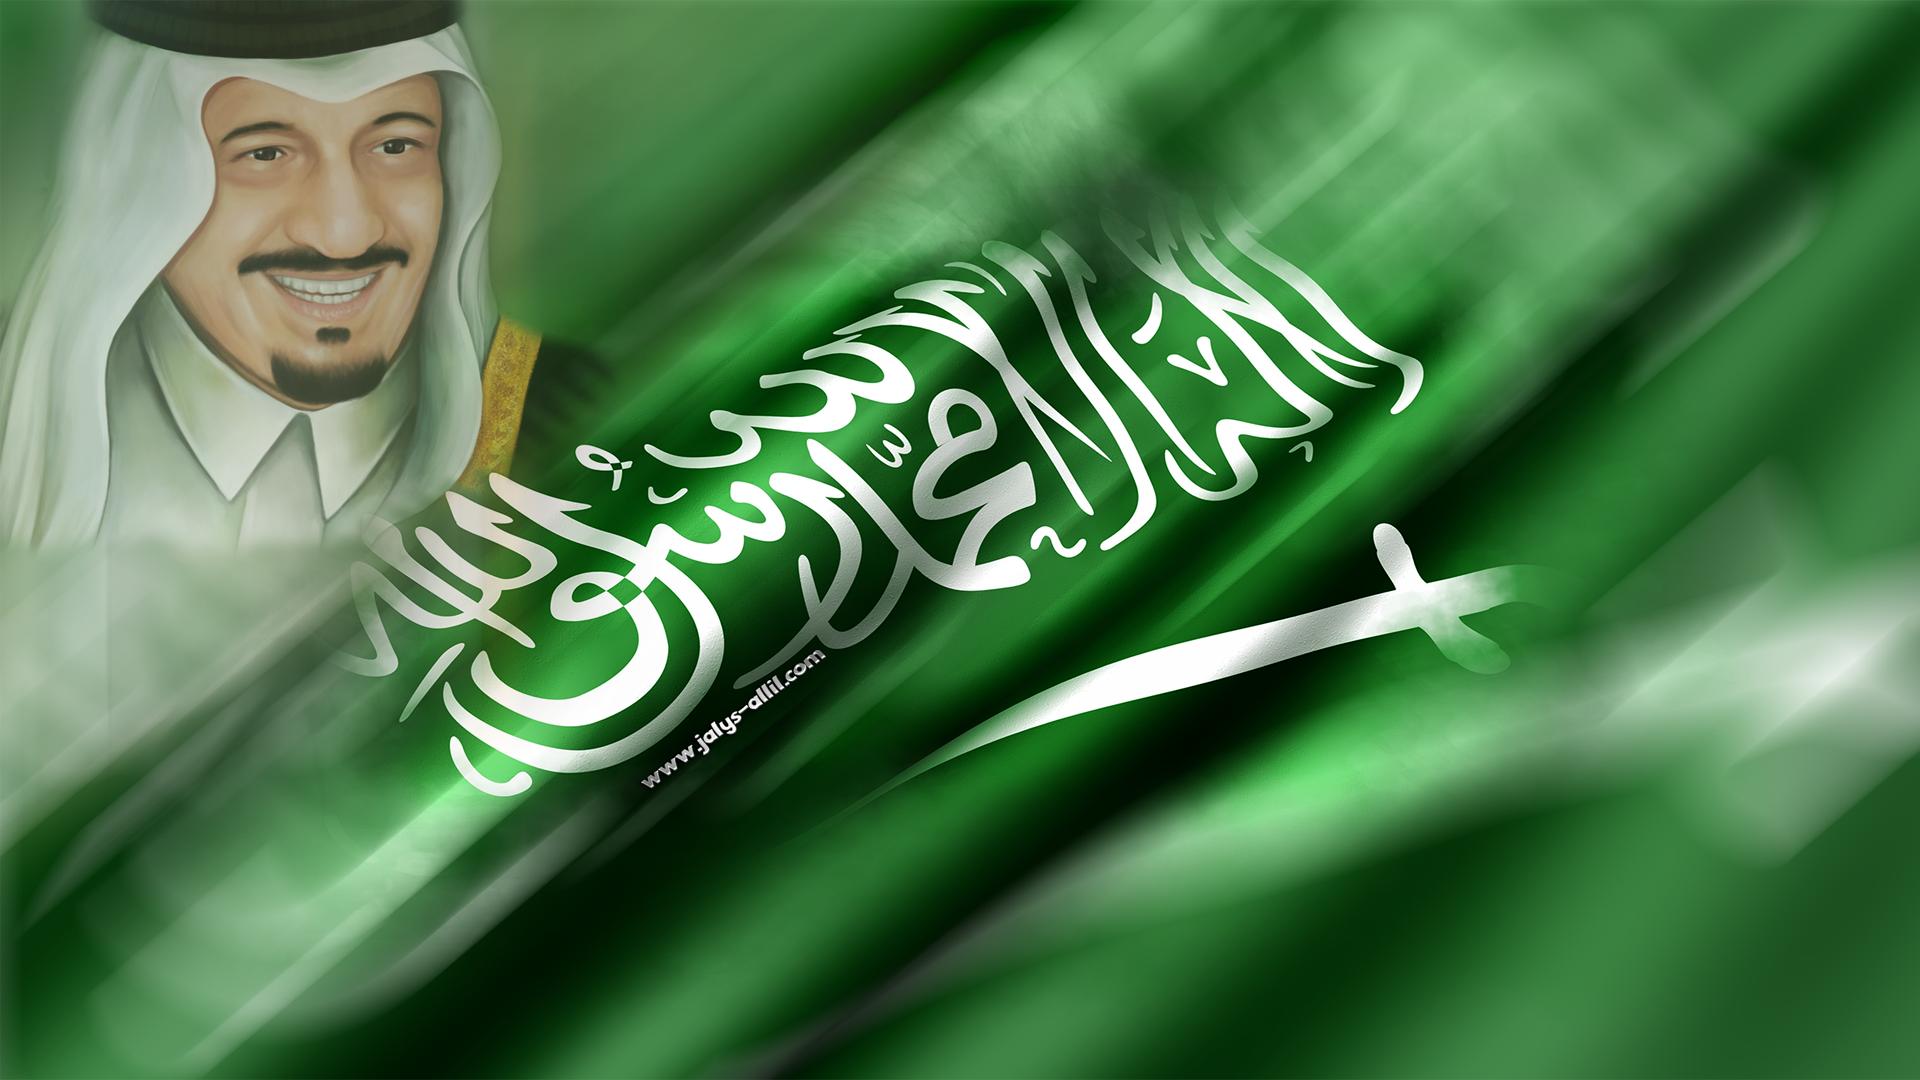 خلفية لعلم المملكة العربية السعودية